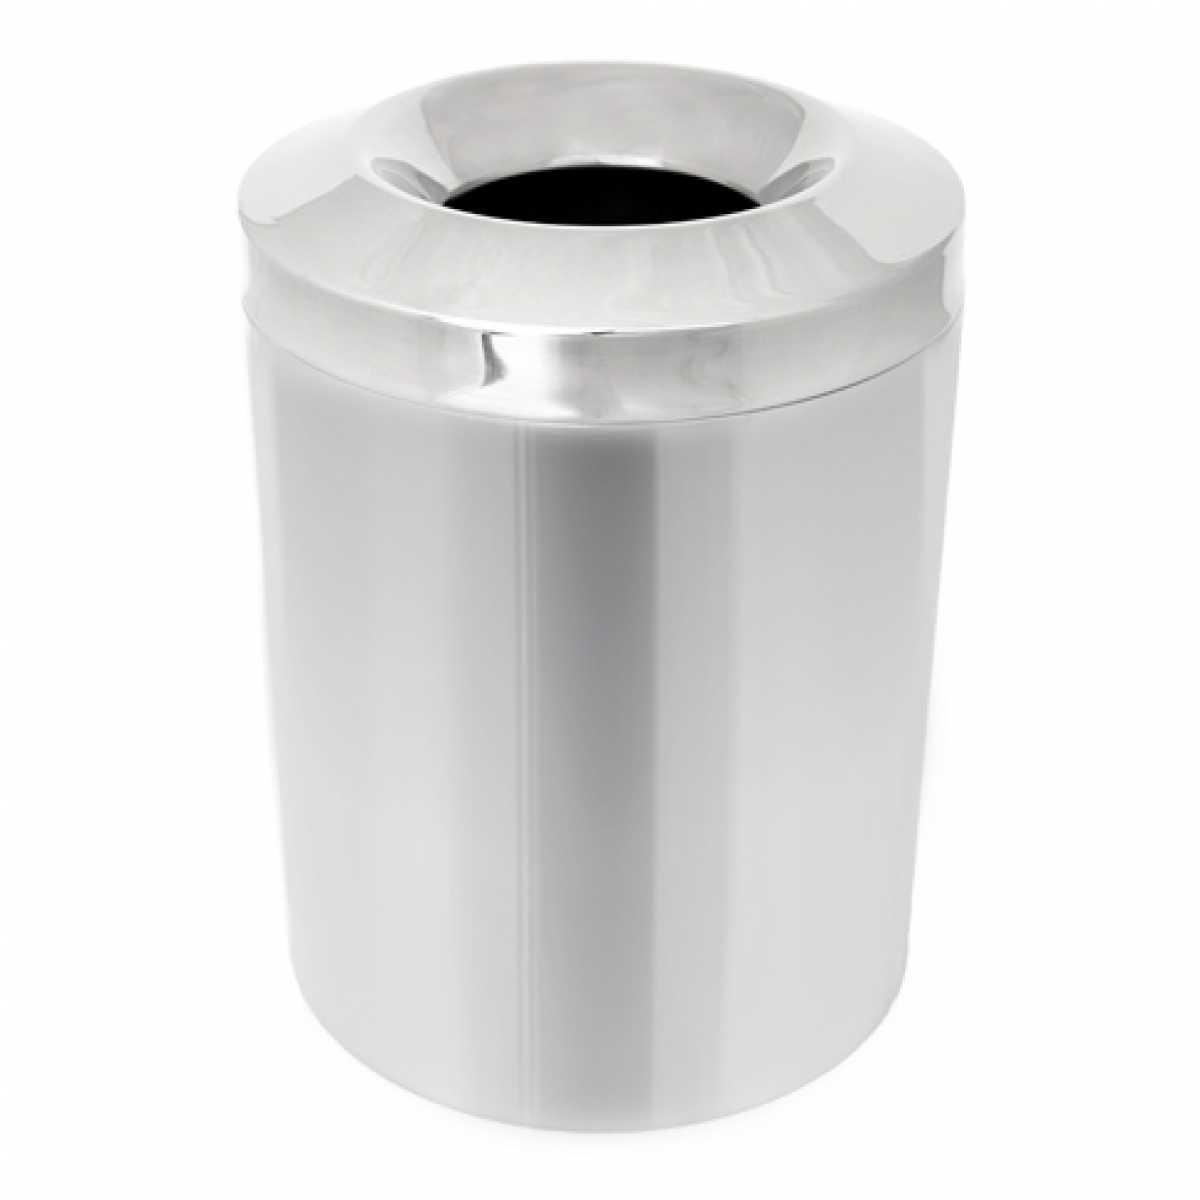 Yanmaz Çöp Kovası, 8 litre